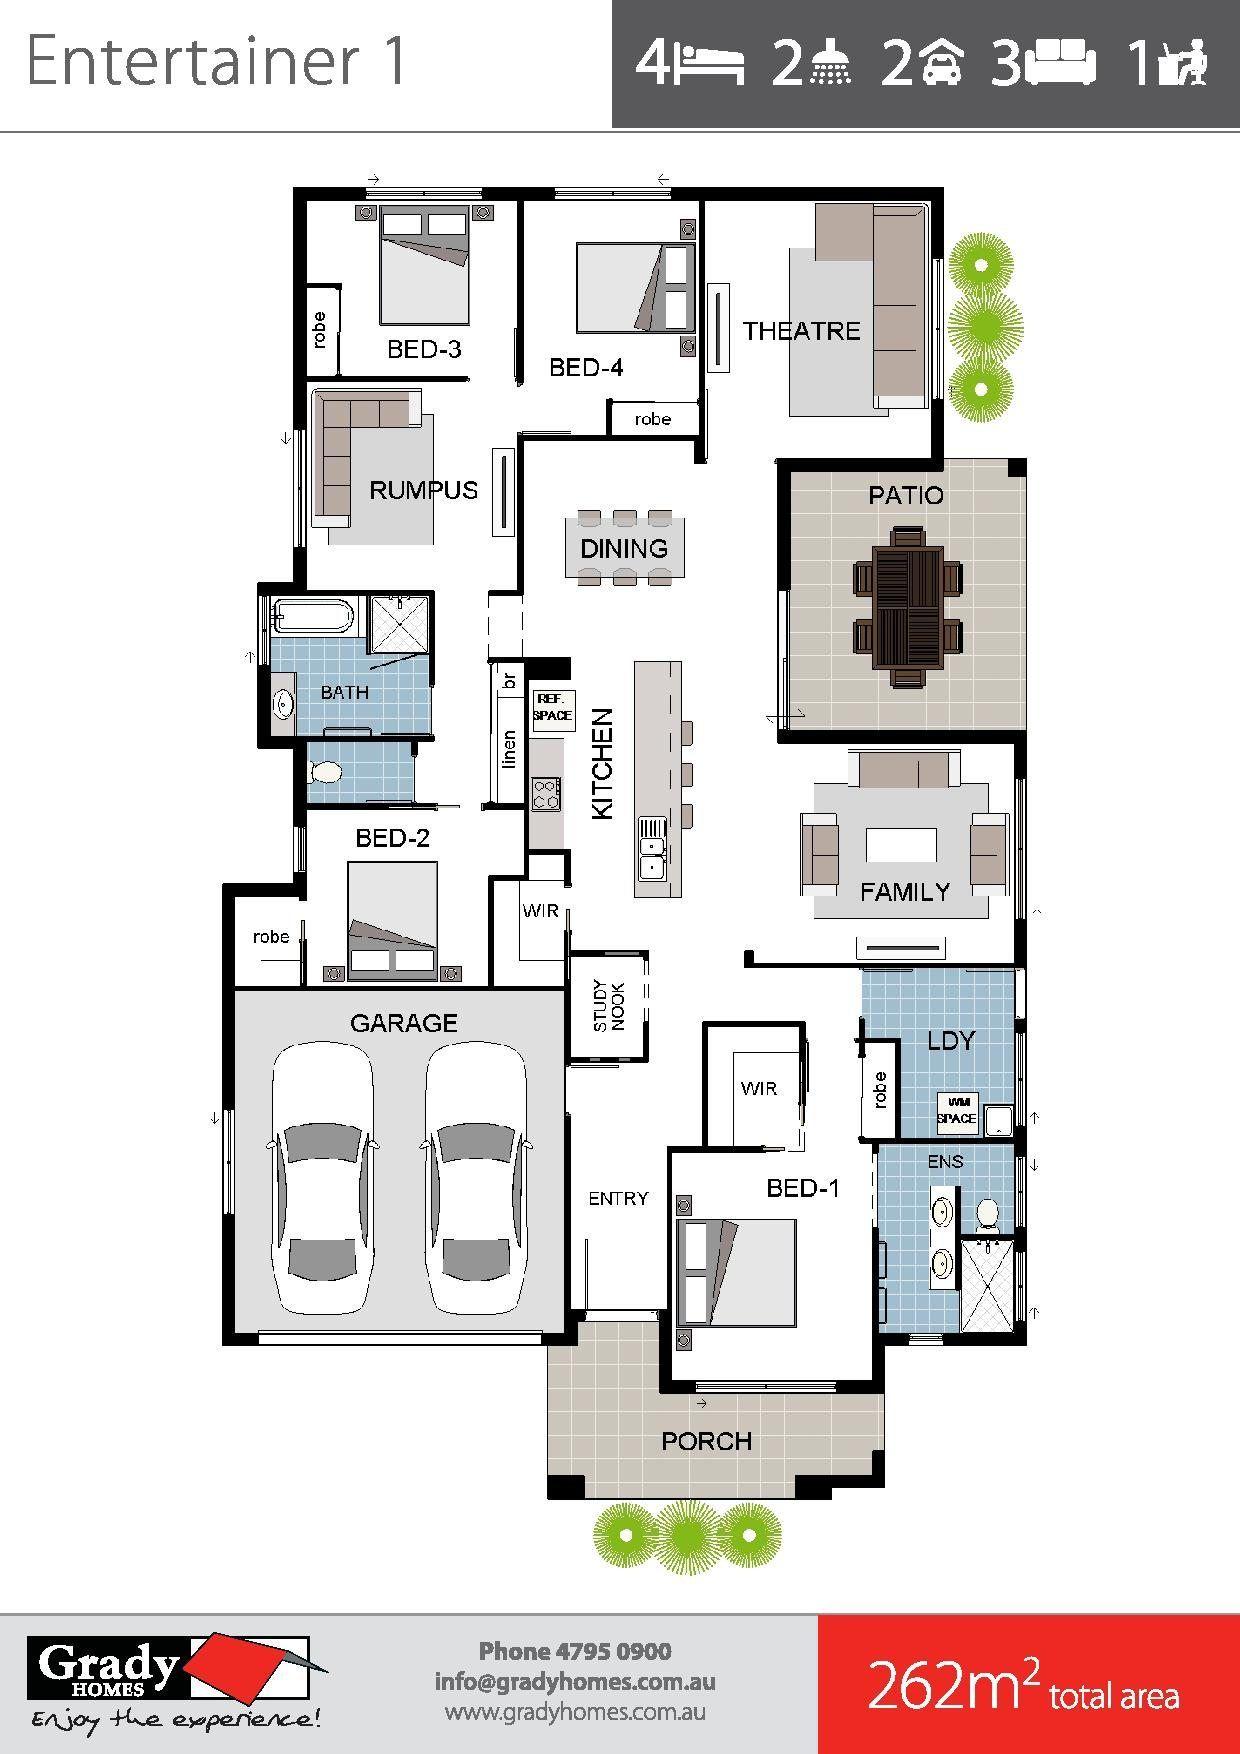 Entertainer 1a Standard Grady Homes Floor Plan Brochure 2 Floor